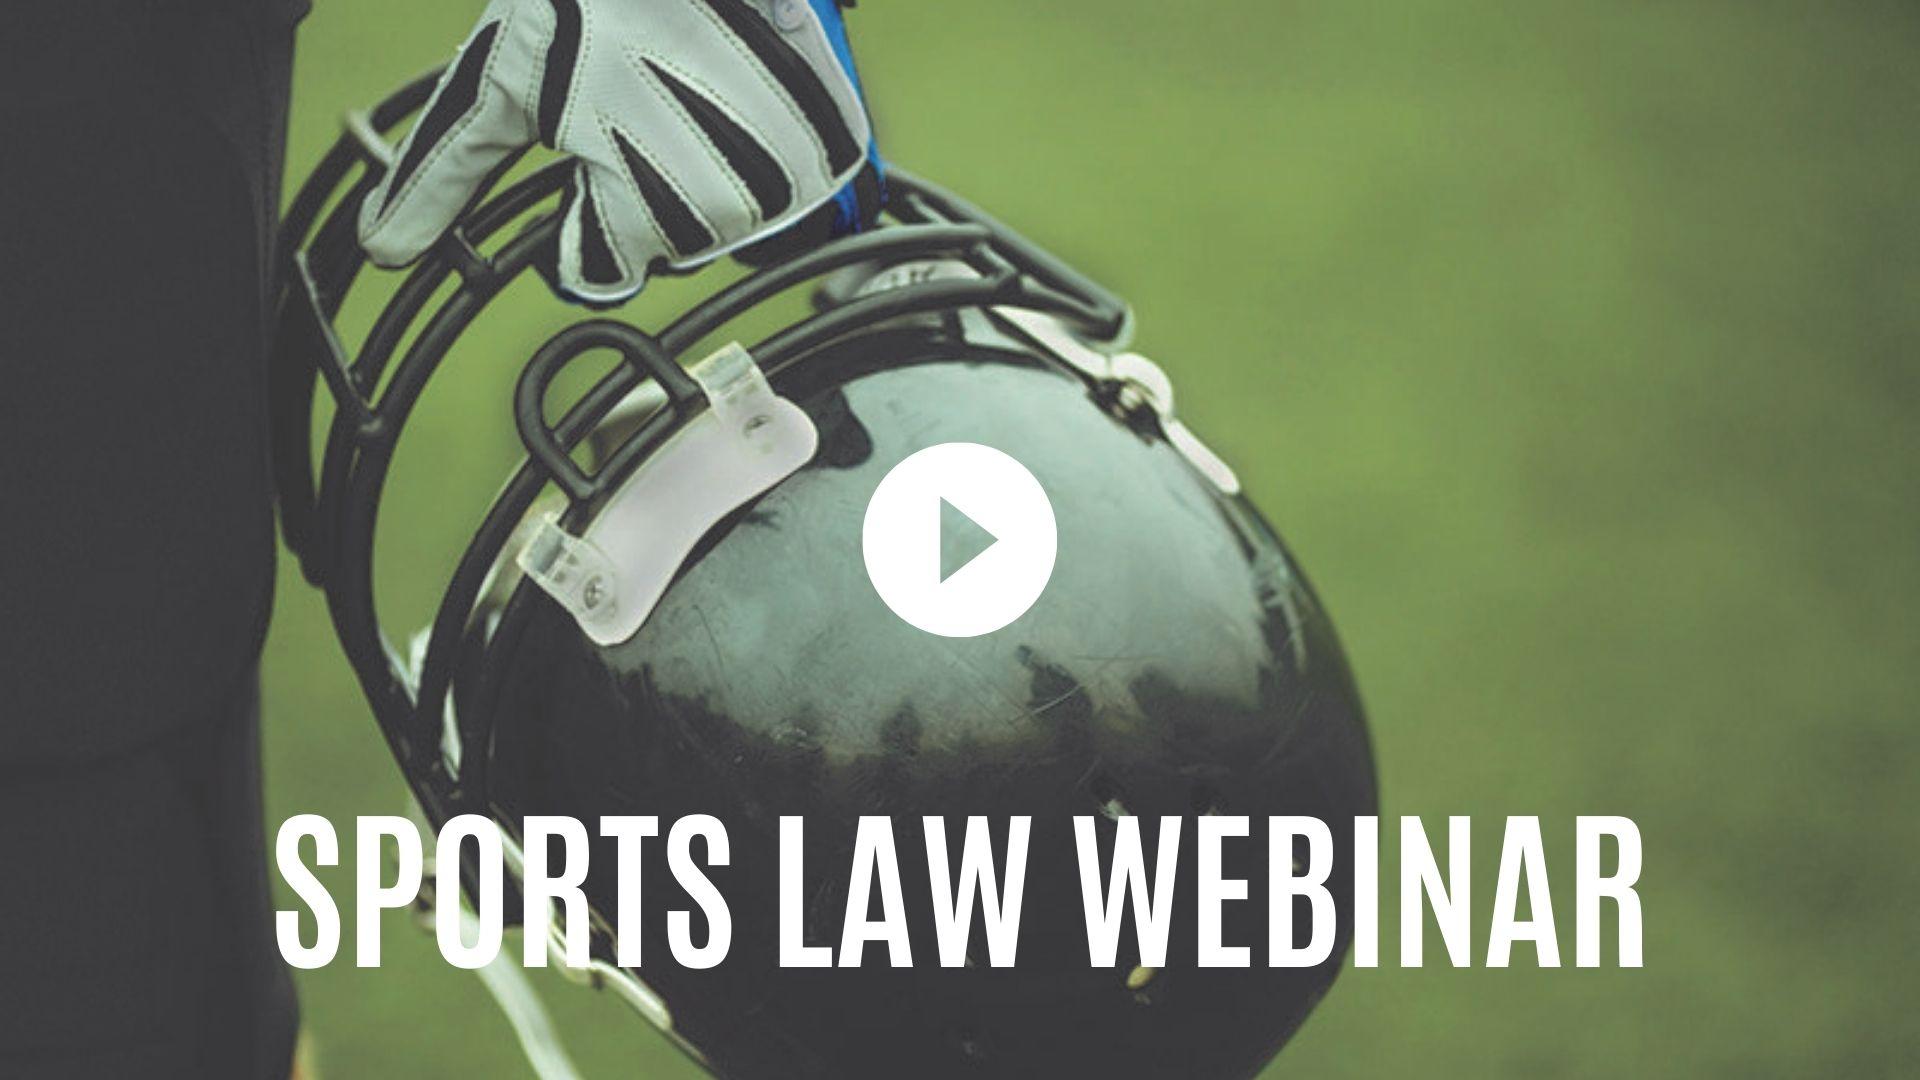 Sports Law Webinar